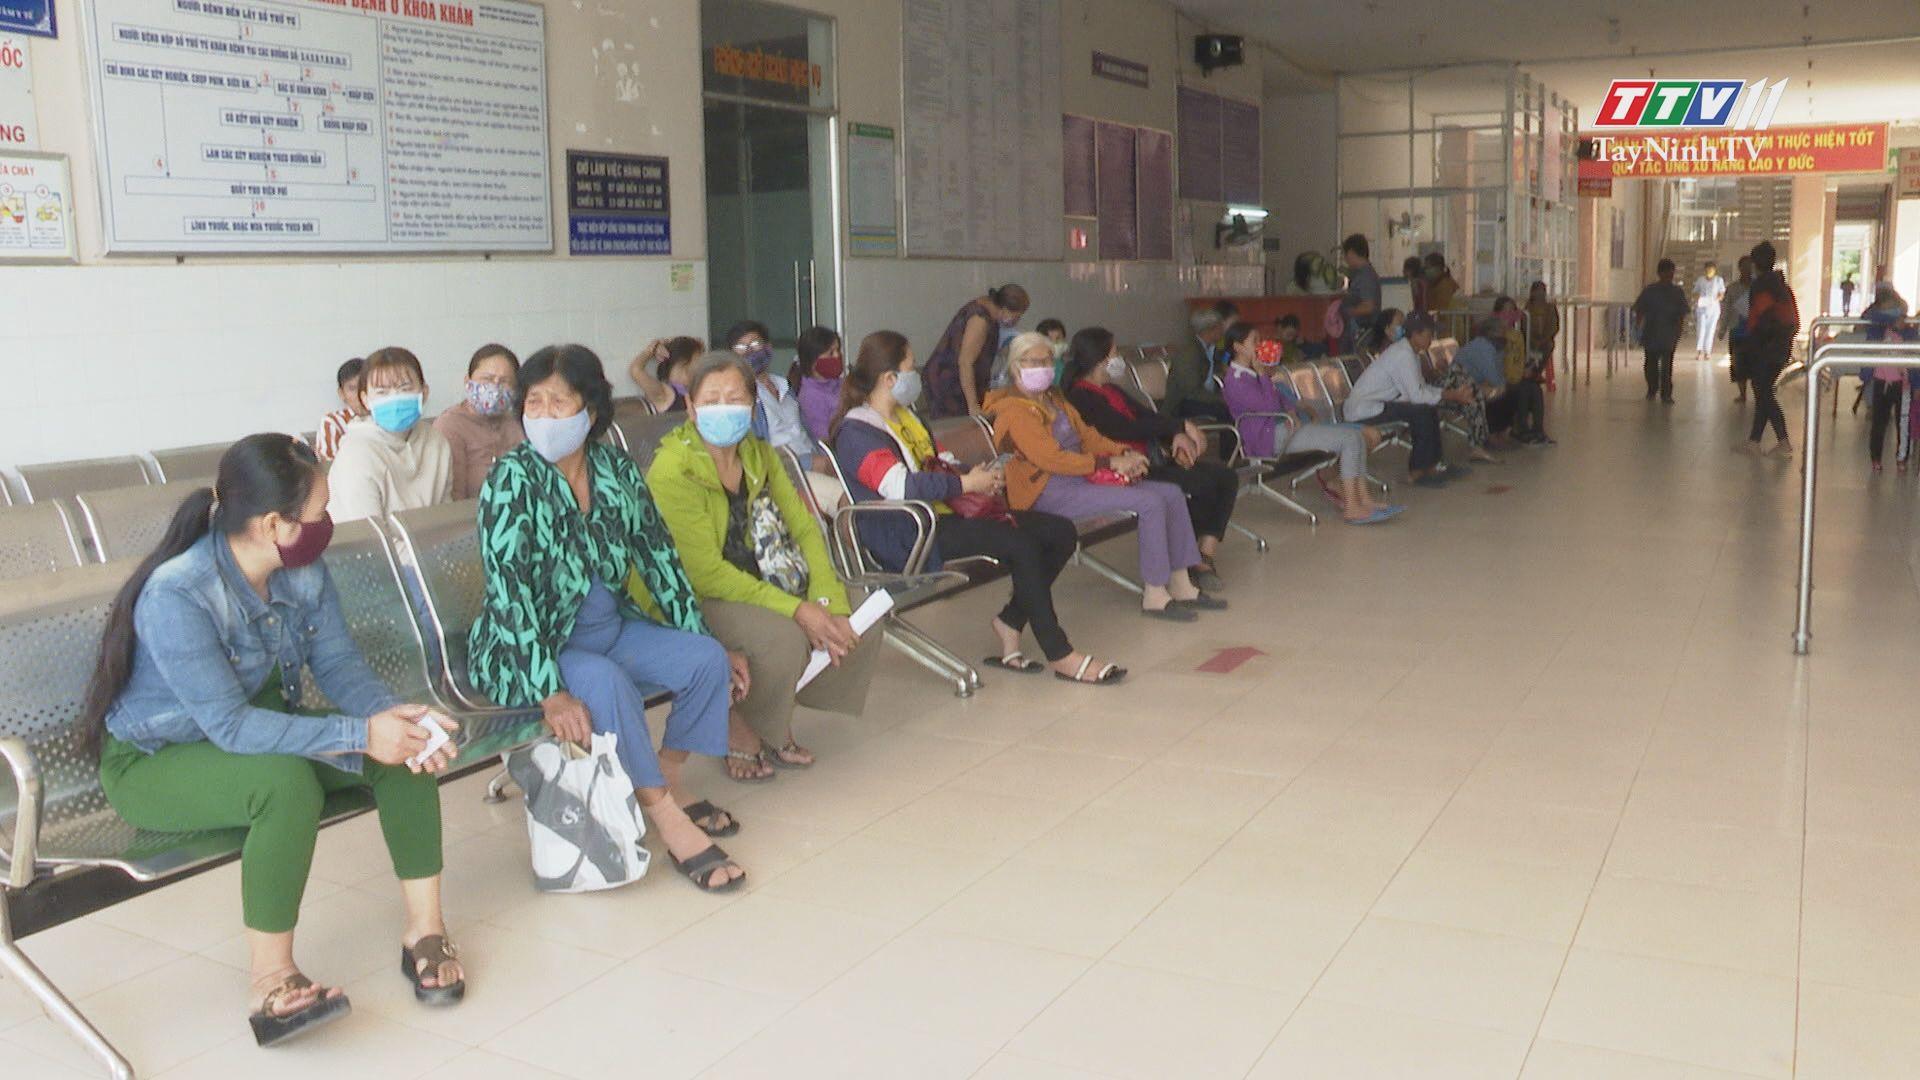 Trung tâm y tế huyện Tân Châu đổi mới, nâng cao chất lượng phục vụ người dân | SỨC KHỎE CHO MỌI NGƯỜI |TayNinhTV